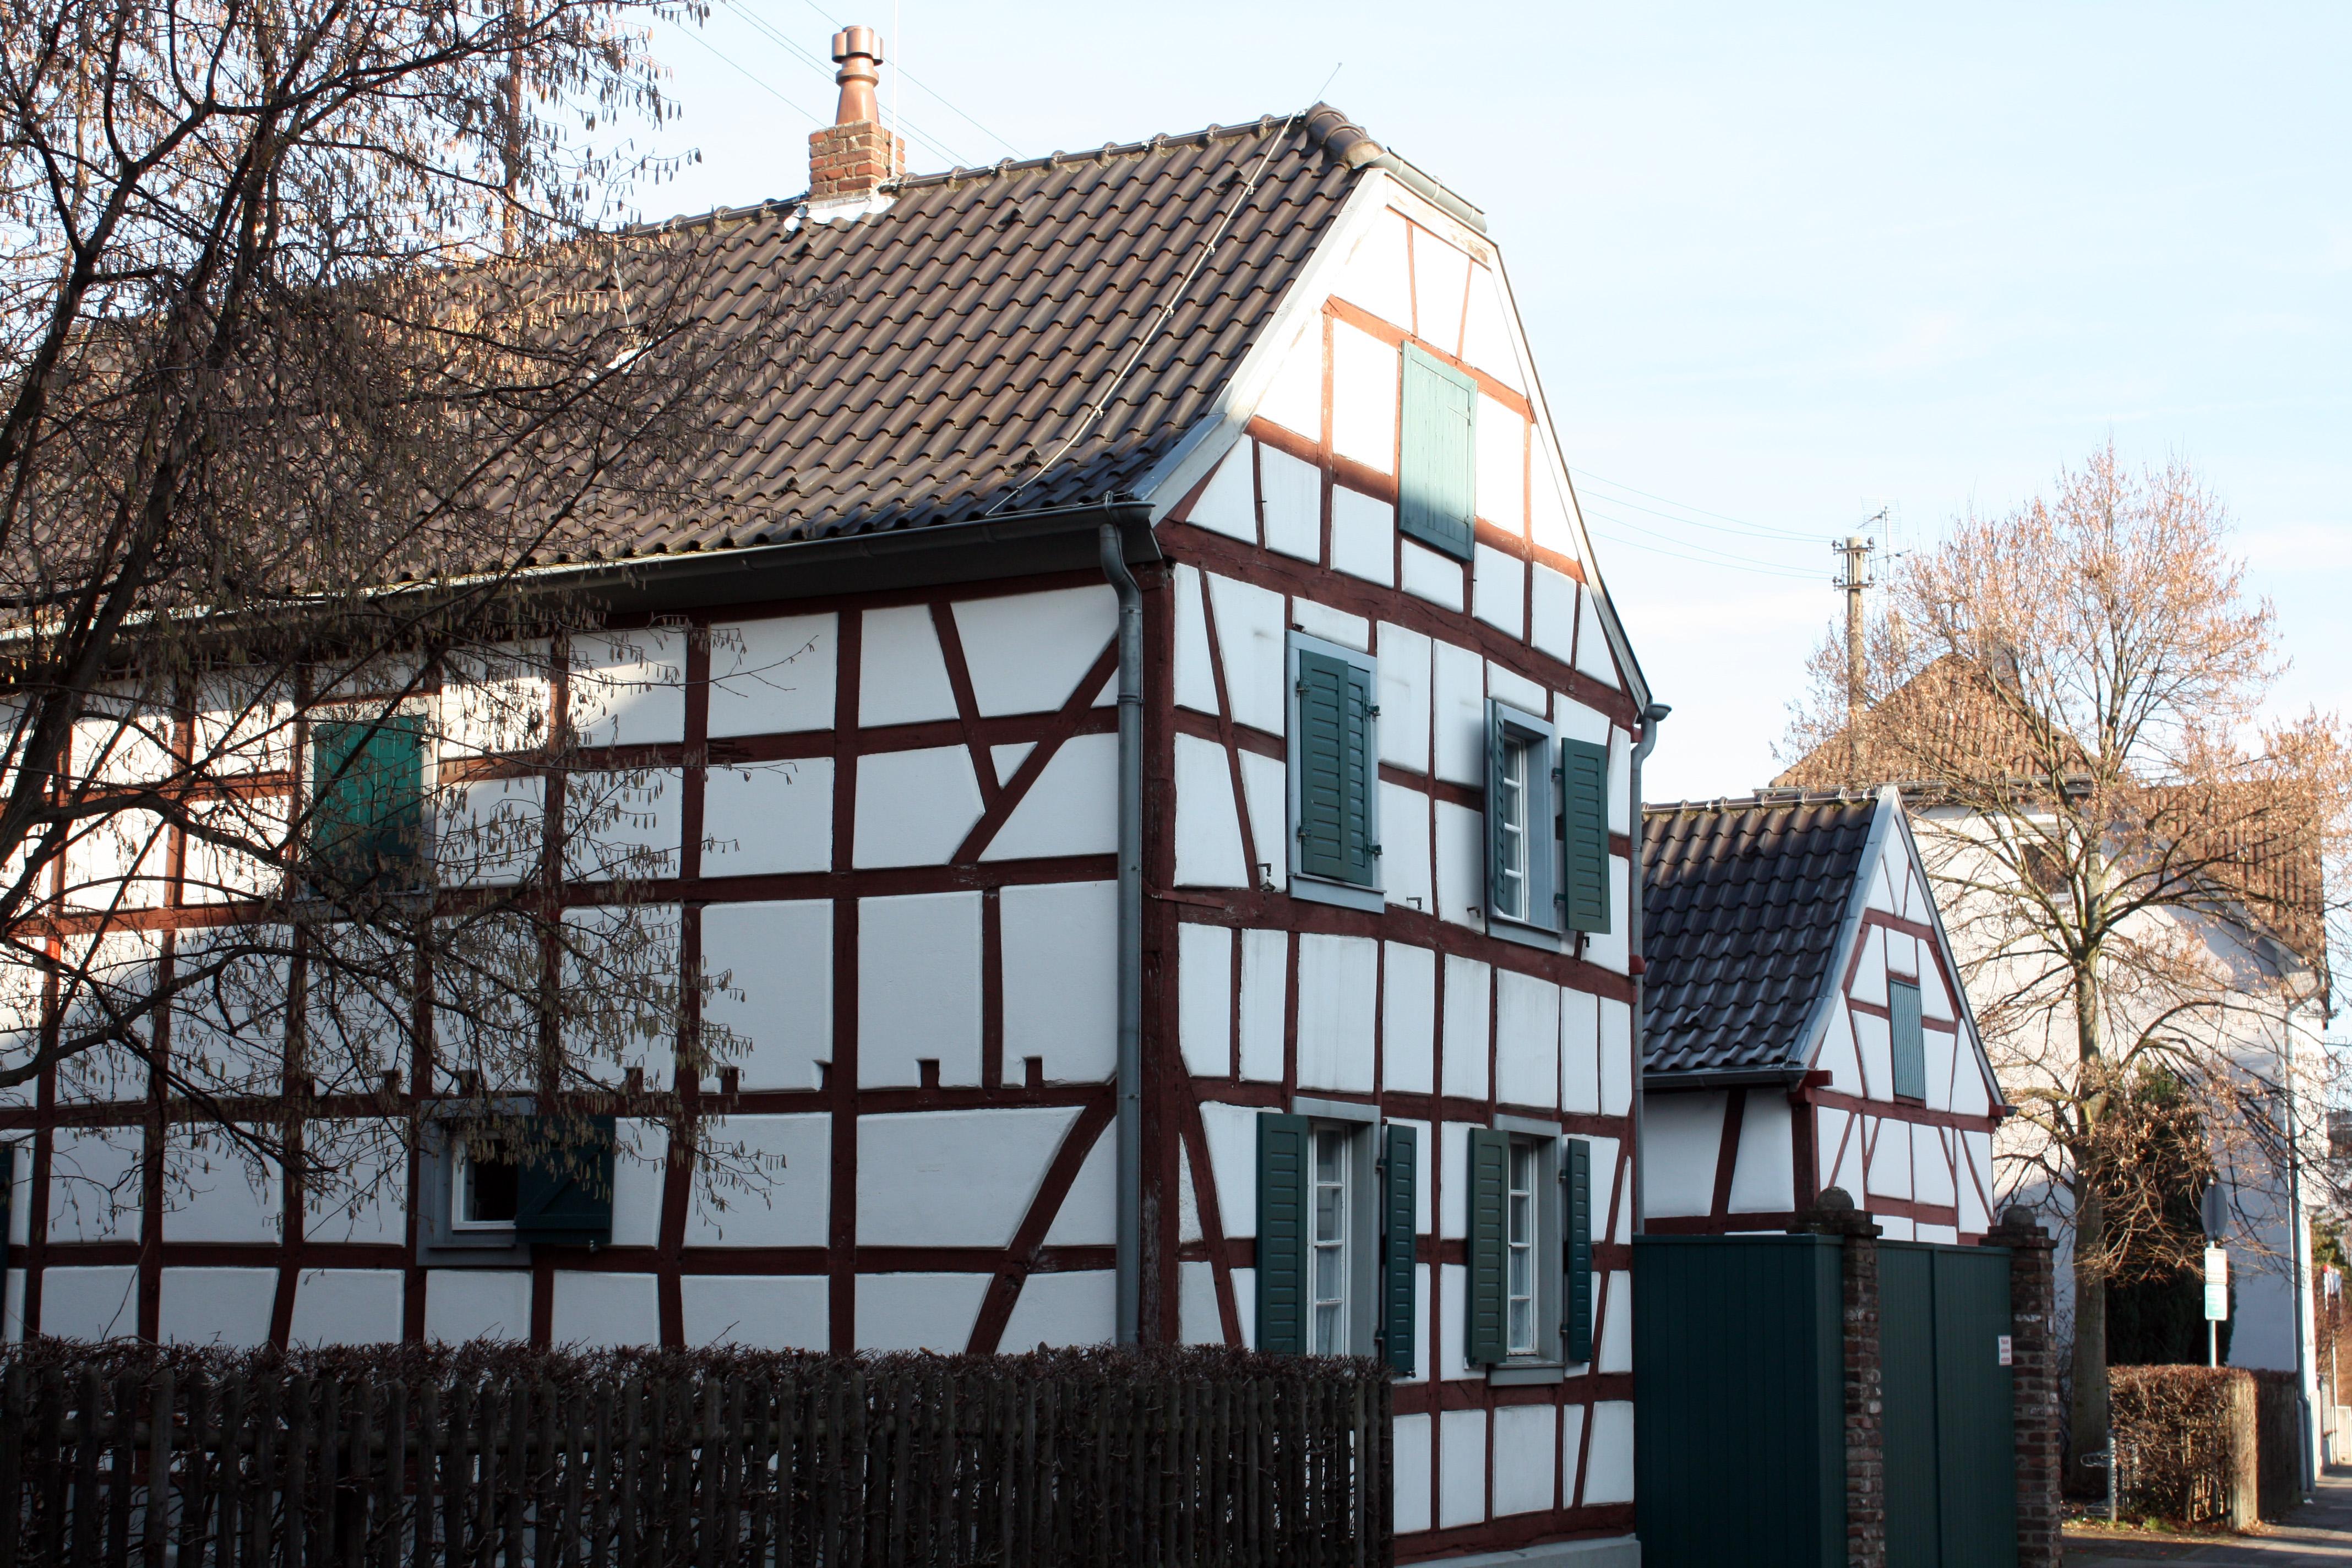 Datei:Alt-Hürth-Löhrerhof.JPG – Wikipedia